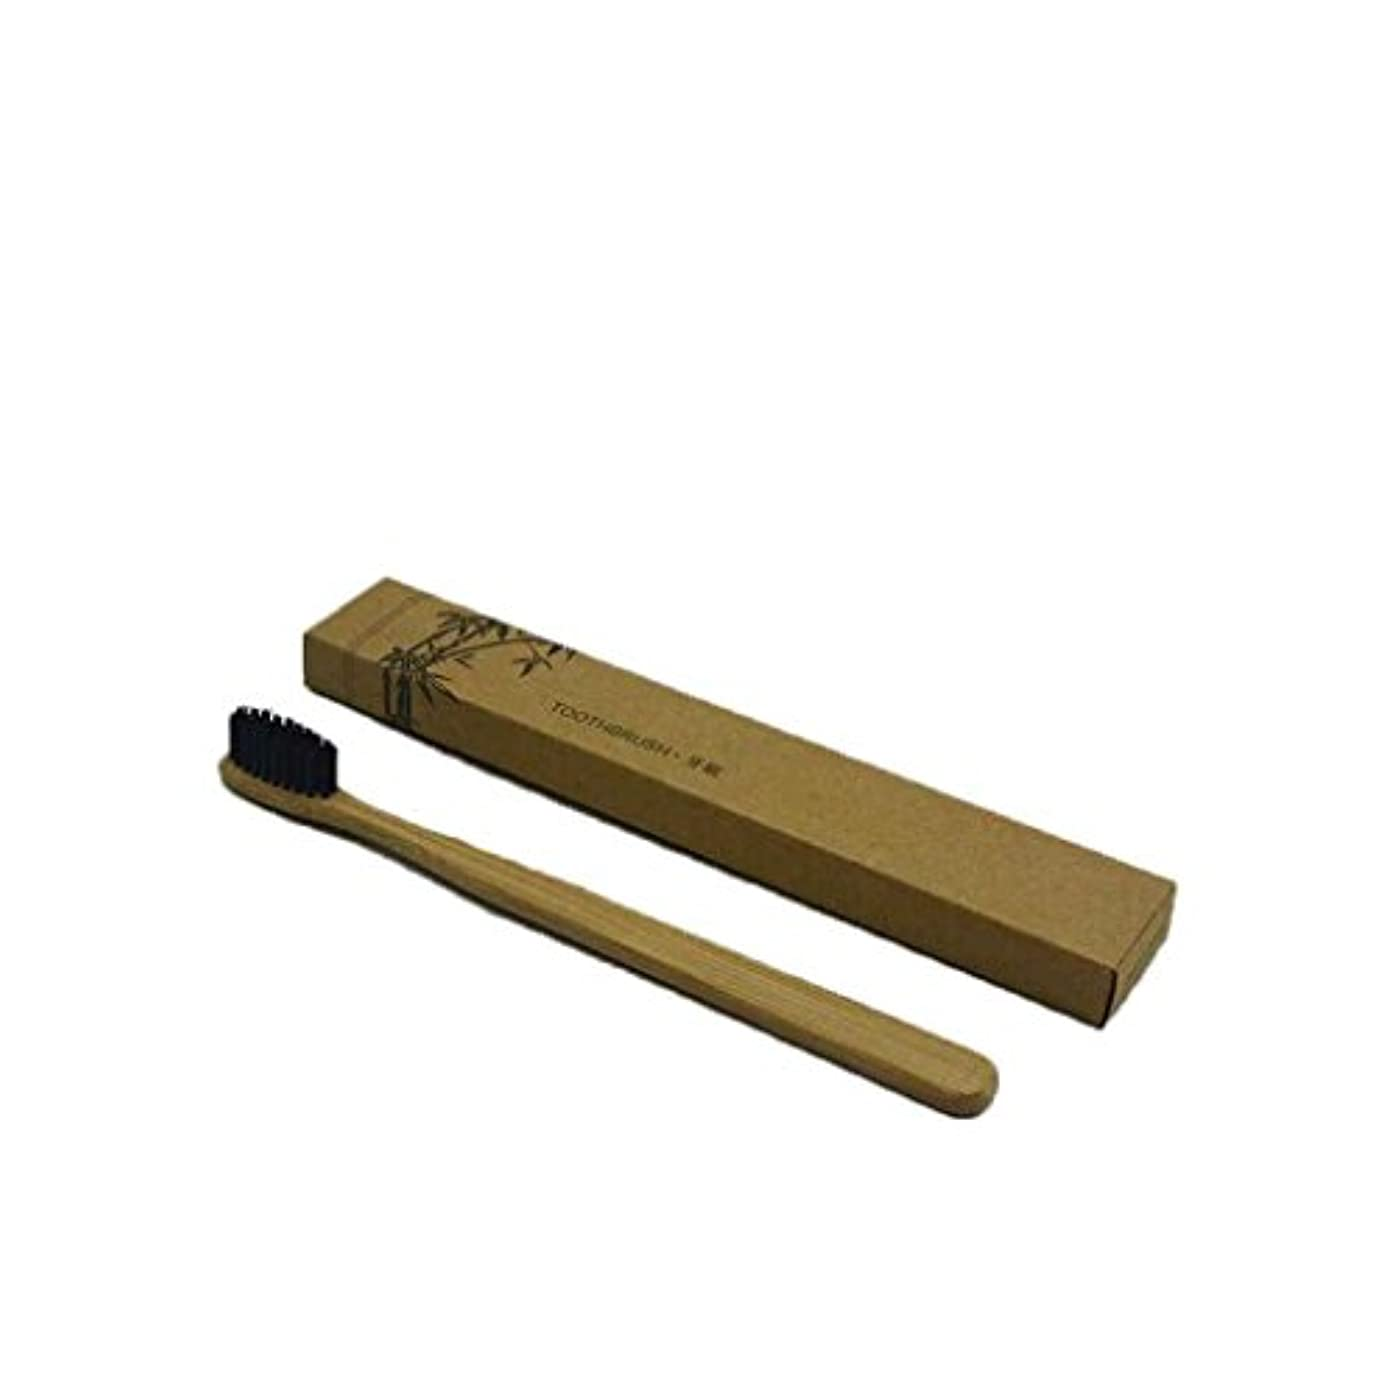 会うスワップ国籍uzinby 竹歯ブラシ 低炭生活 天然木 親水性 歯ブラシ 自然竹ハンドル 分解性 歯ブラシ 環境保護材料